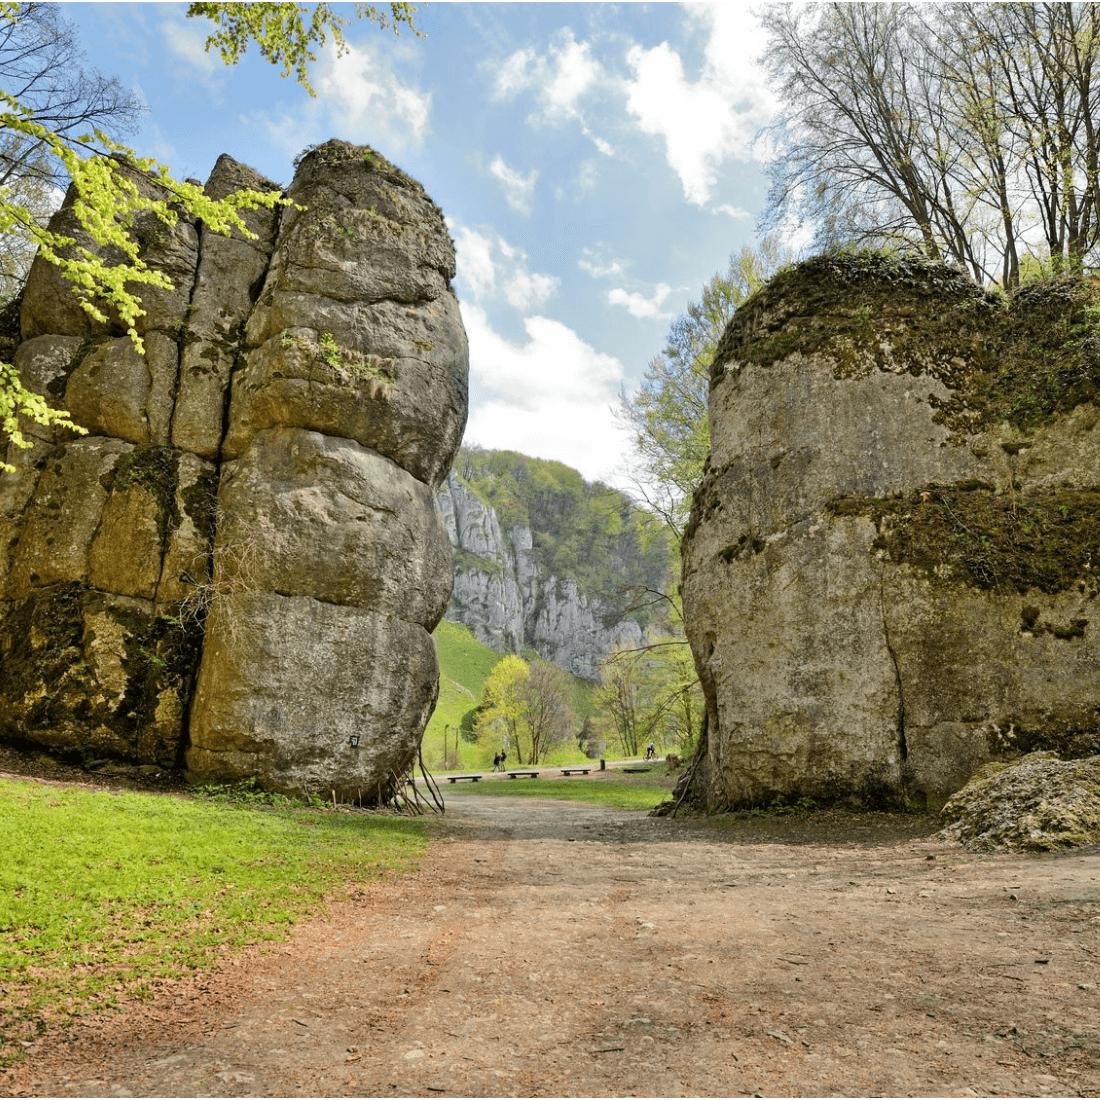 Brama Krakowsko Częstochowska Park w Ojcowie